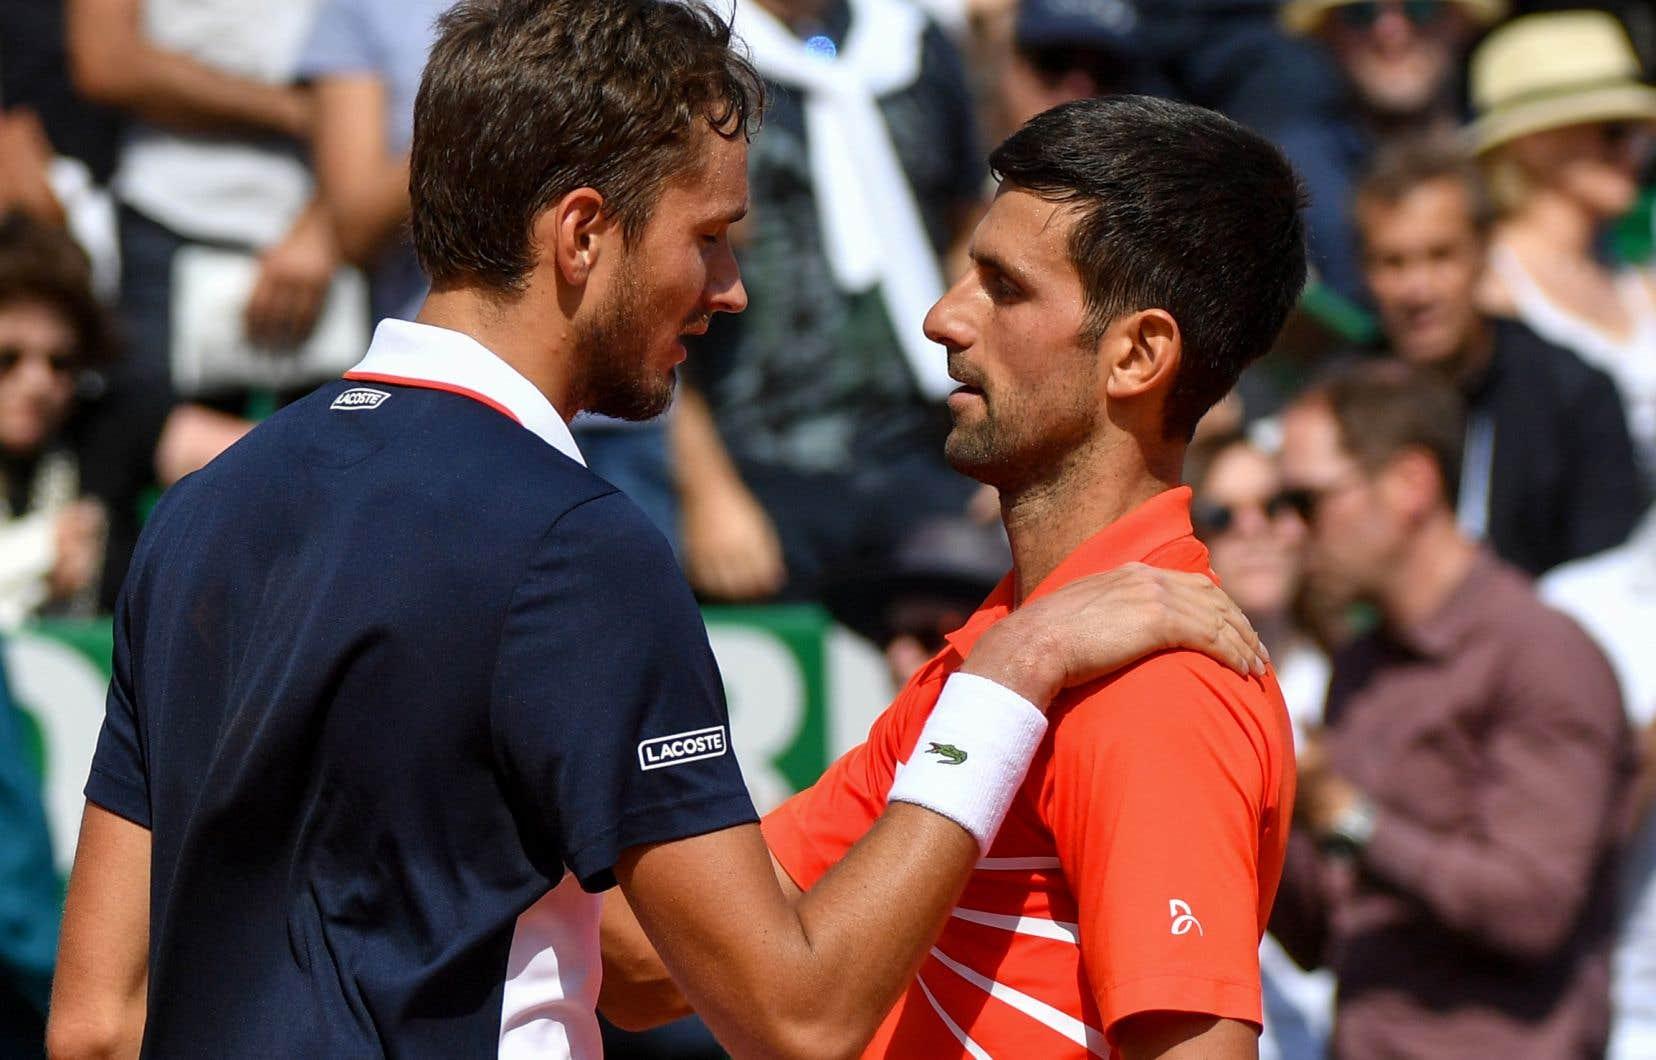 Le Serbe Novak Djokovic et le Russe Daniil Medvedev se parlent à la fin du match de tennis aux quarts de finale du Masters de Monte-Carlo.